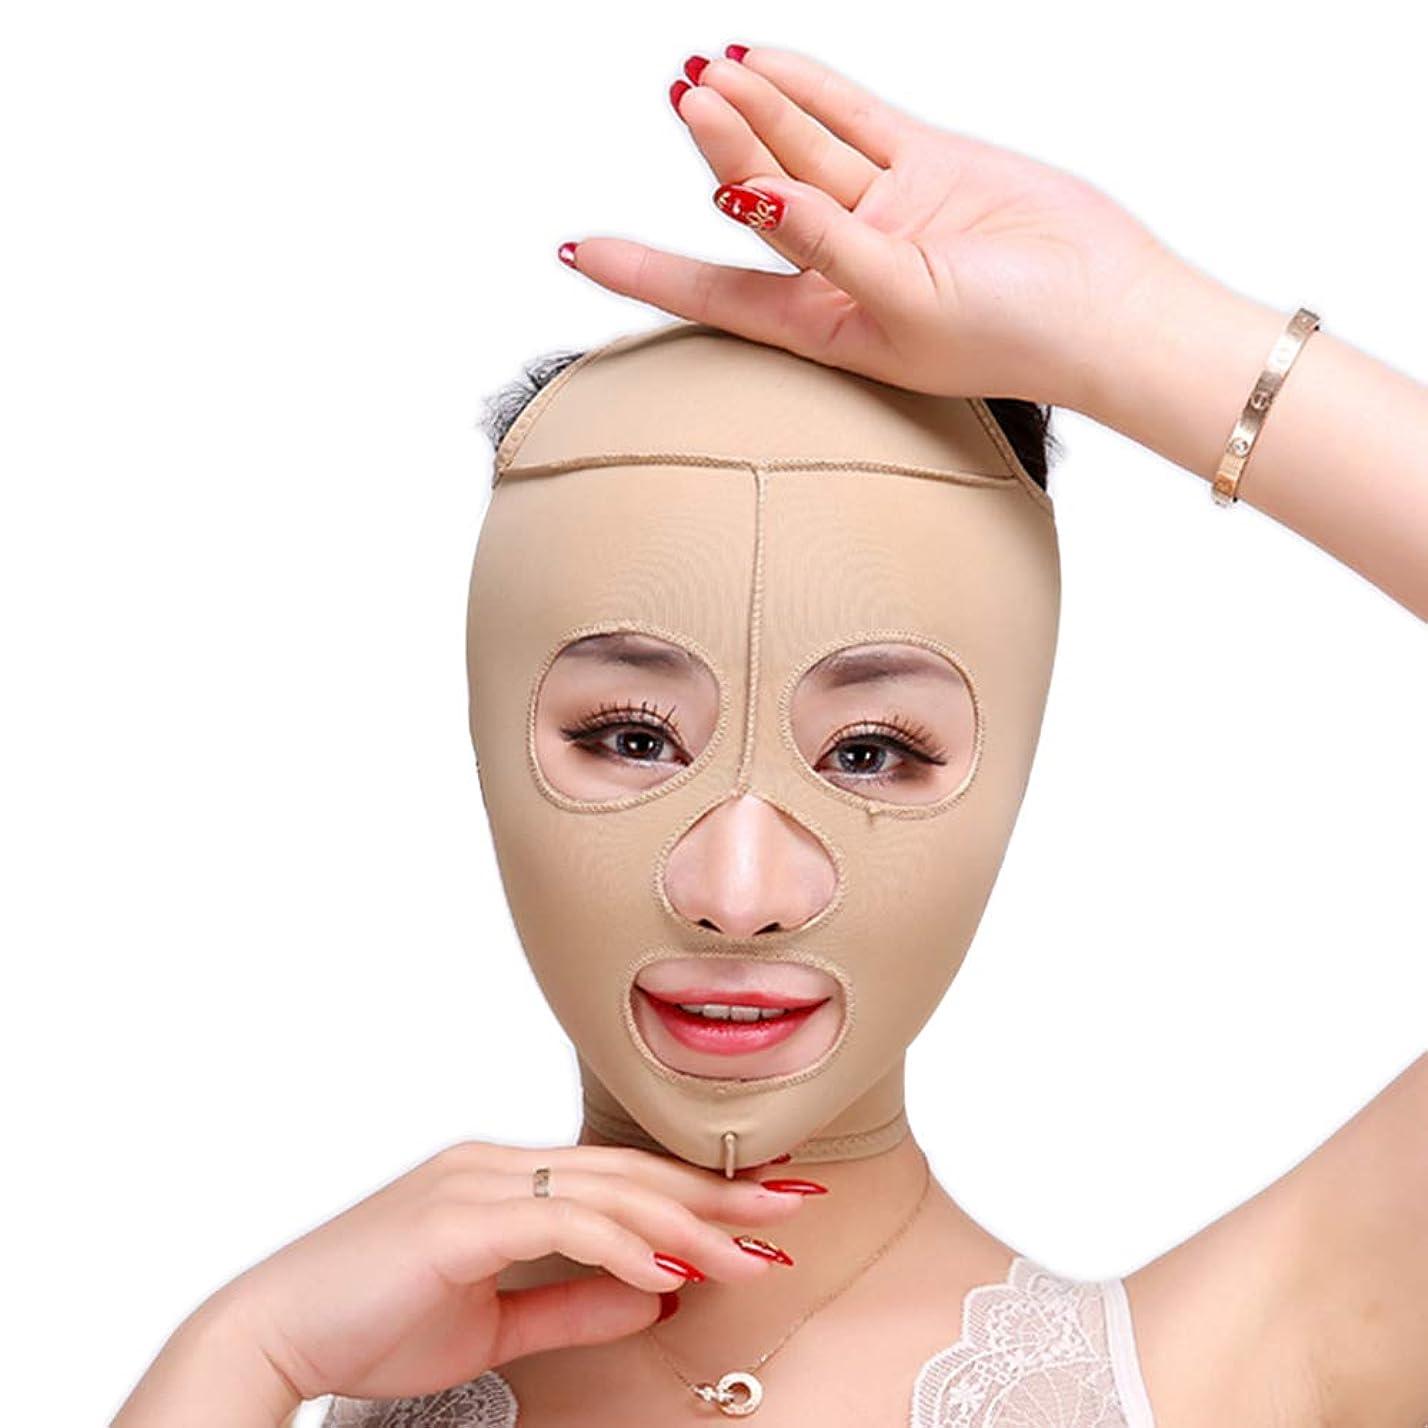 振り子勢いみがきます顔を細くするためのフェイスリフトフルマスク、抗シワグルーミングレジューサスキン引き締めフェイシャルケアフェイスベルト,L